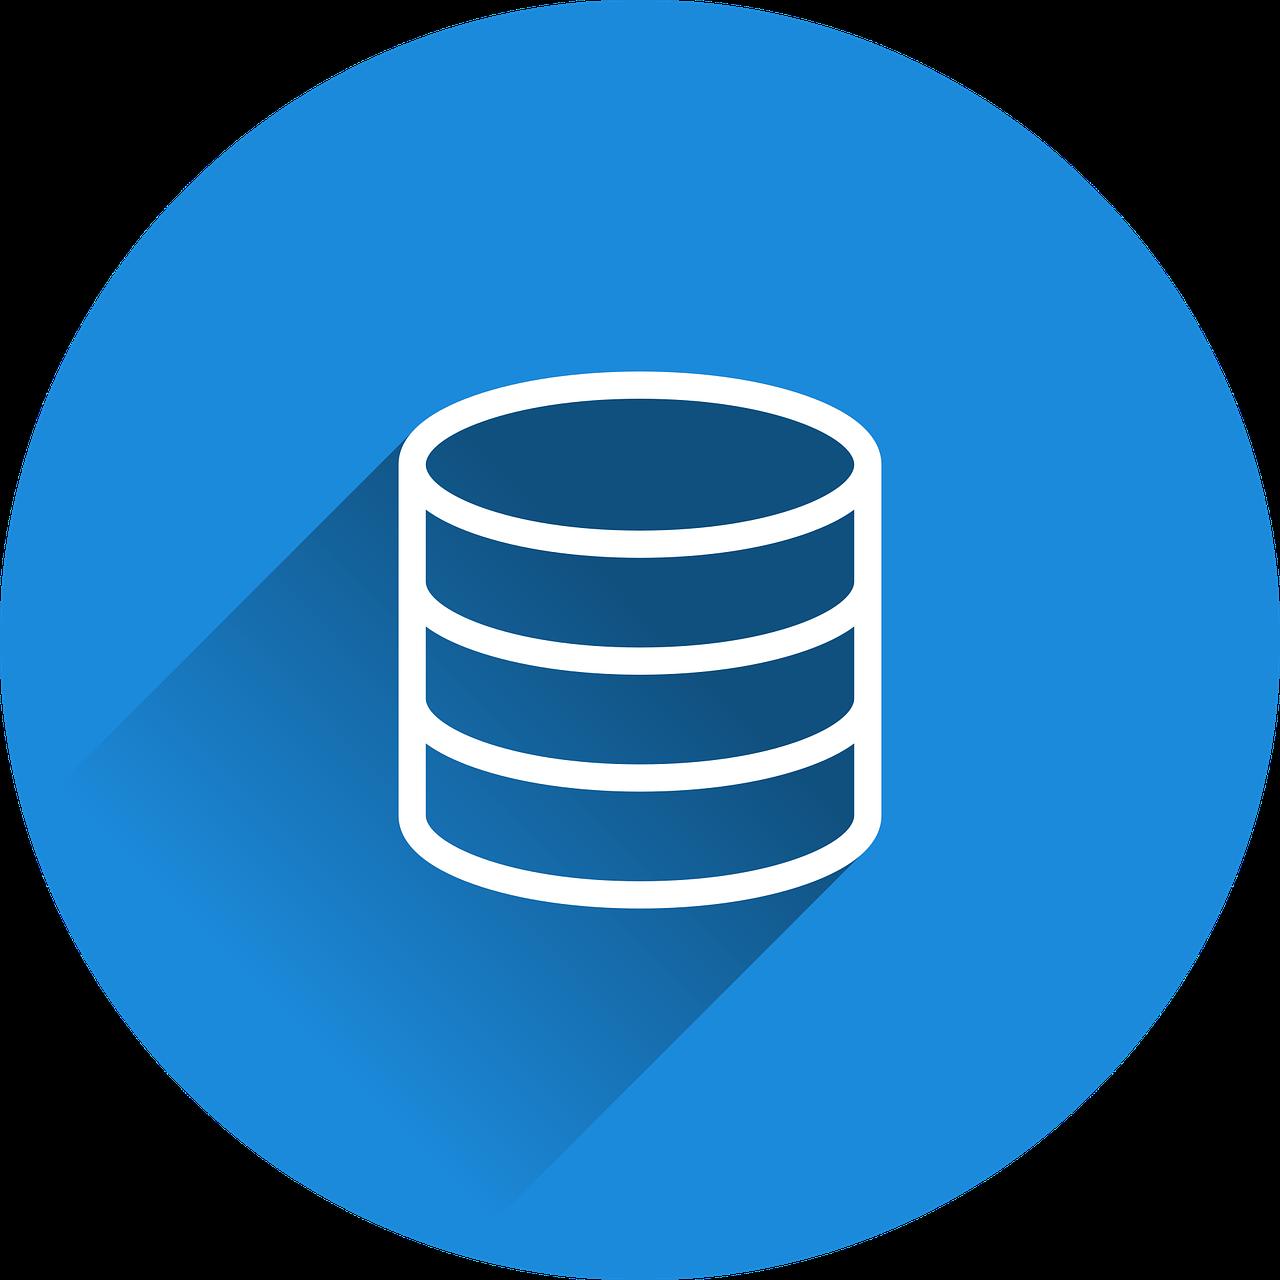 Valge andmebaasi kujutis sinisel taustal